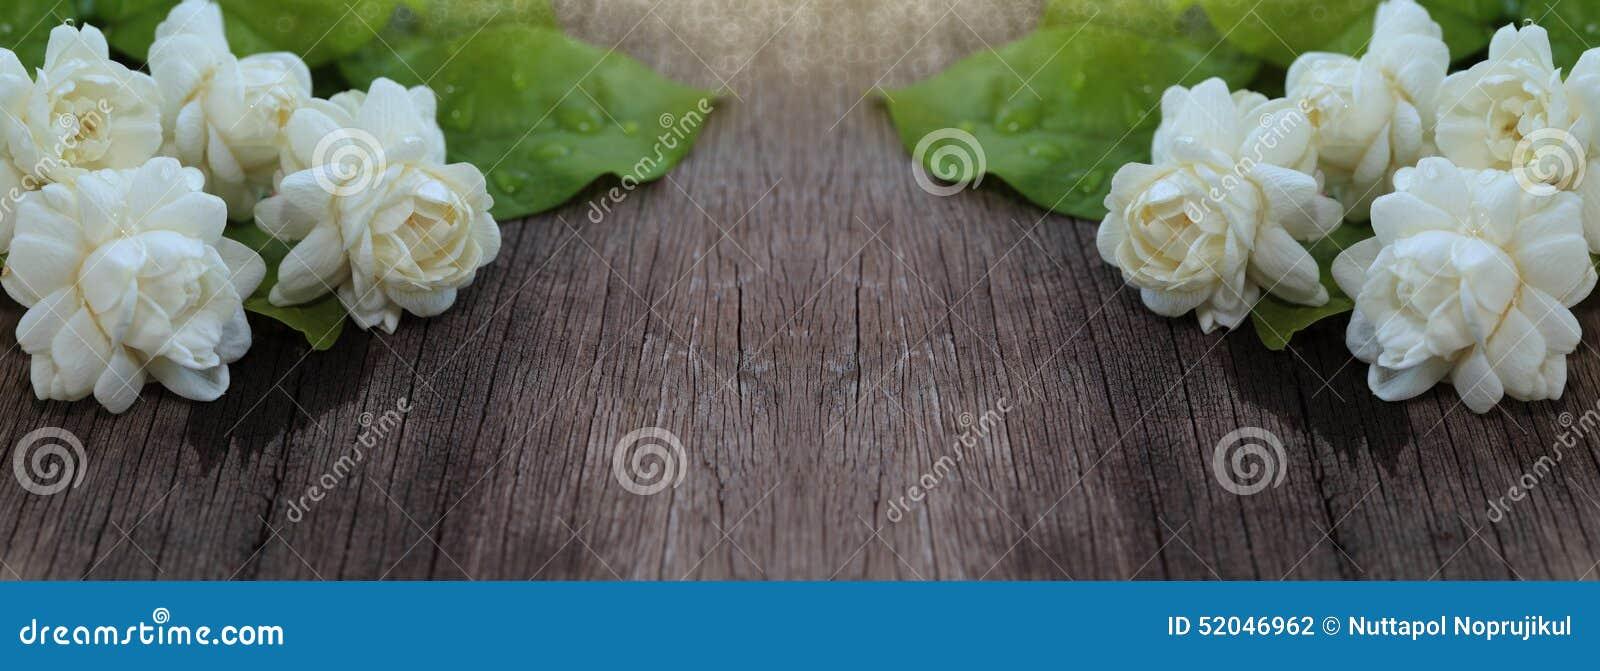 Fleur tropicale de jasmin sur le bois Fleurs et feuilles de jasmin sur le Br